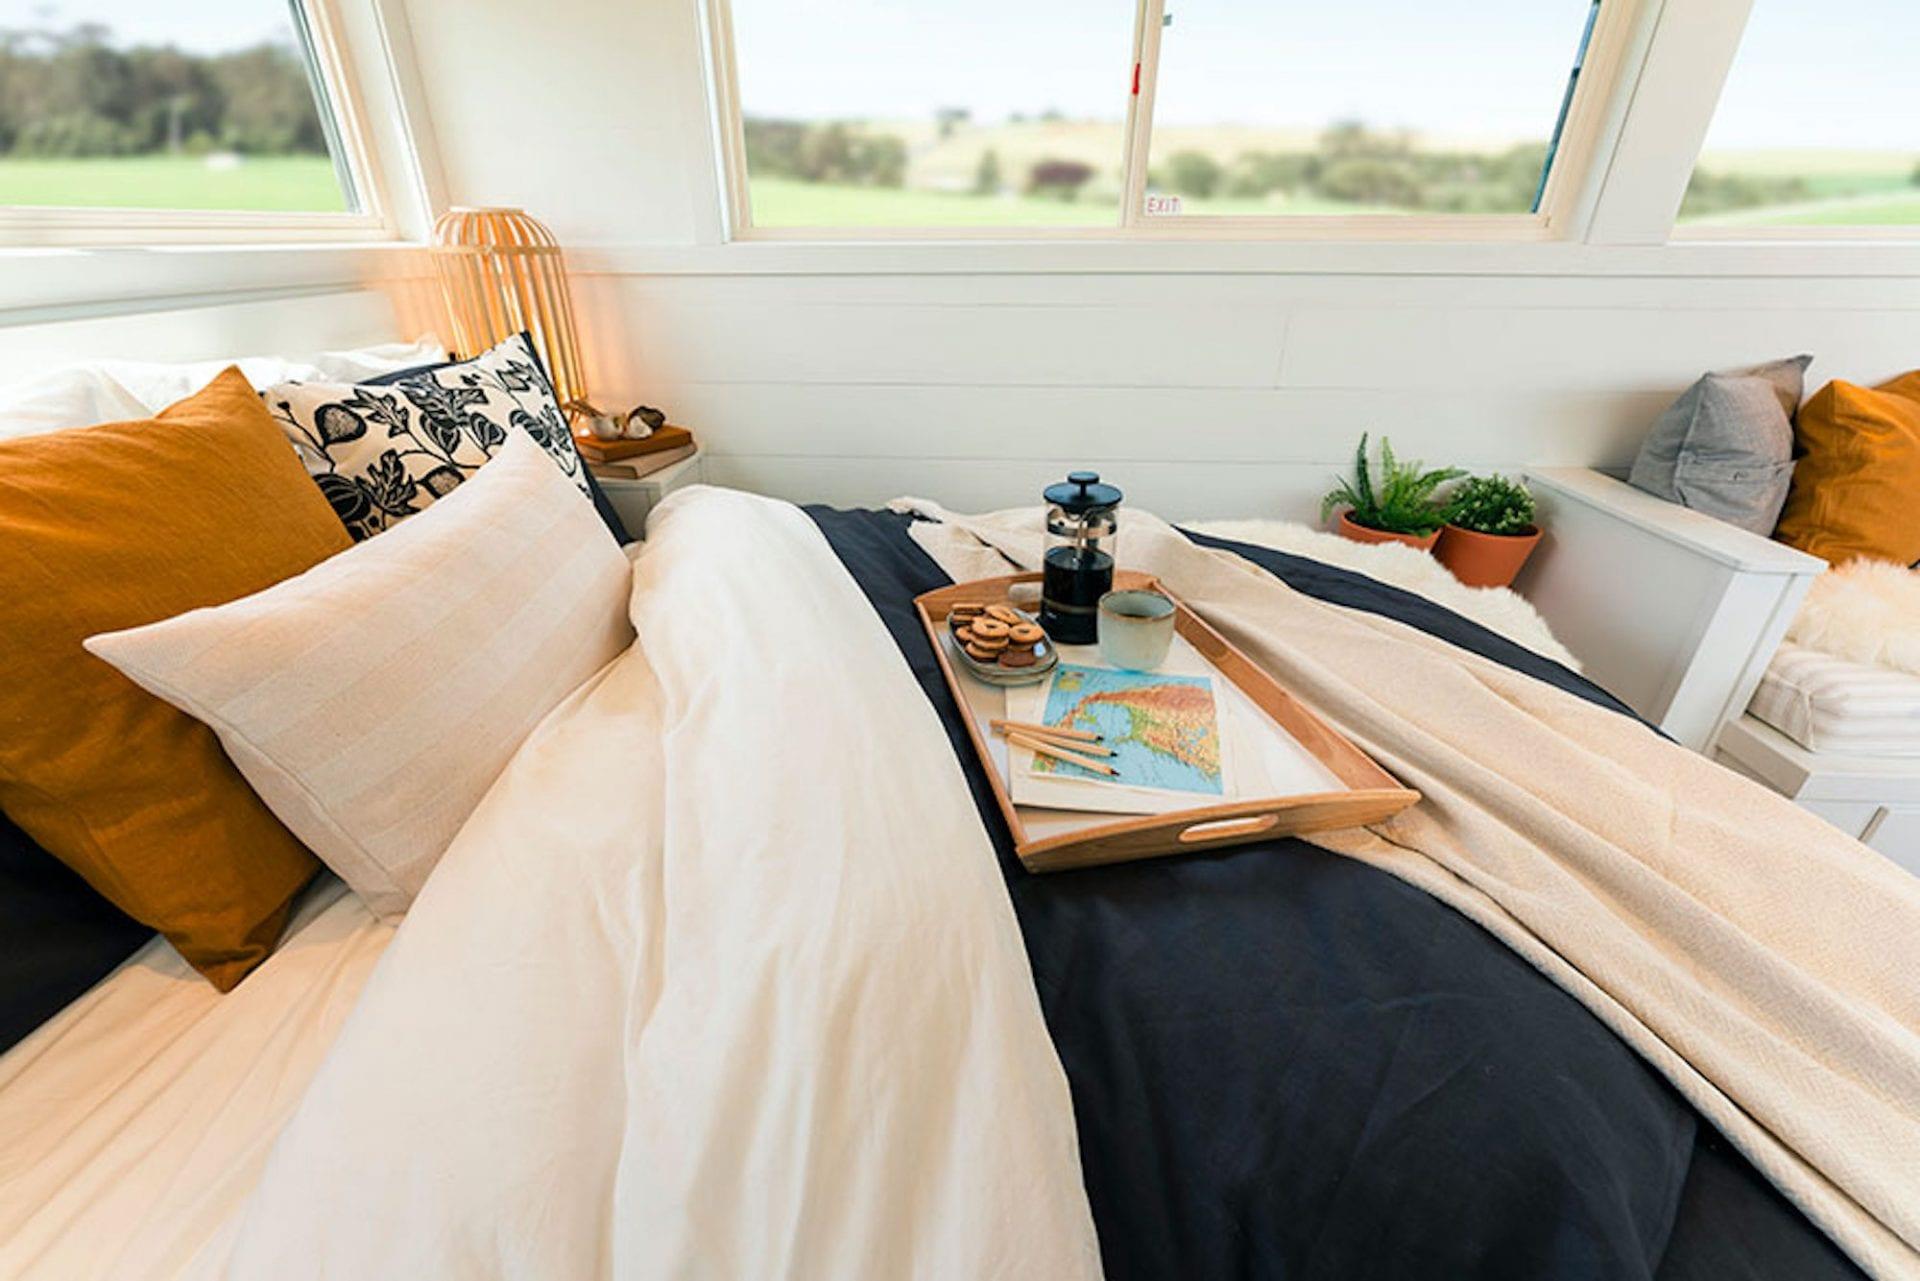 IKEA commercialise une tiny house écoresponsable et minimaliste de 17m2